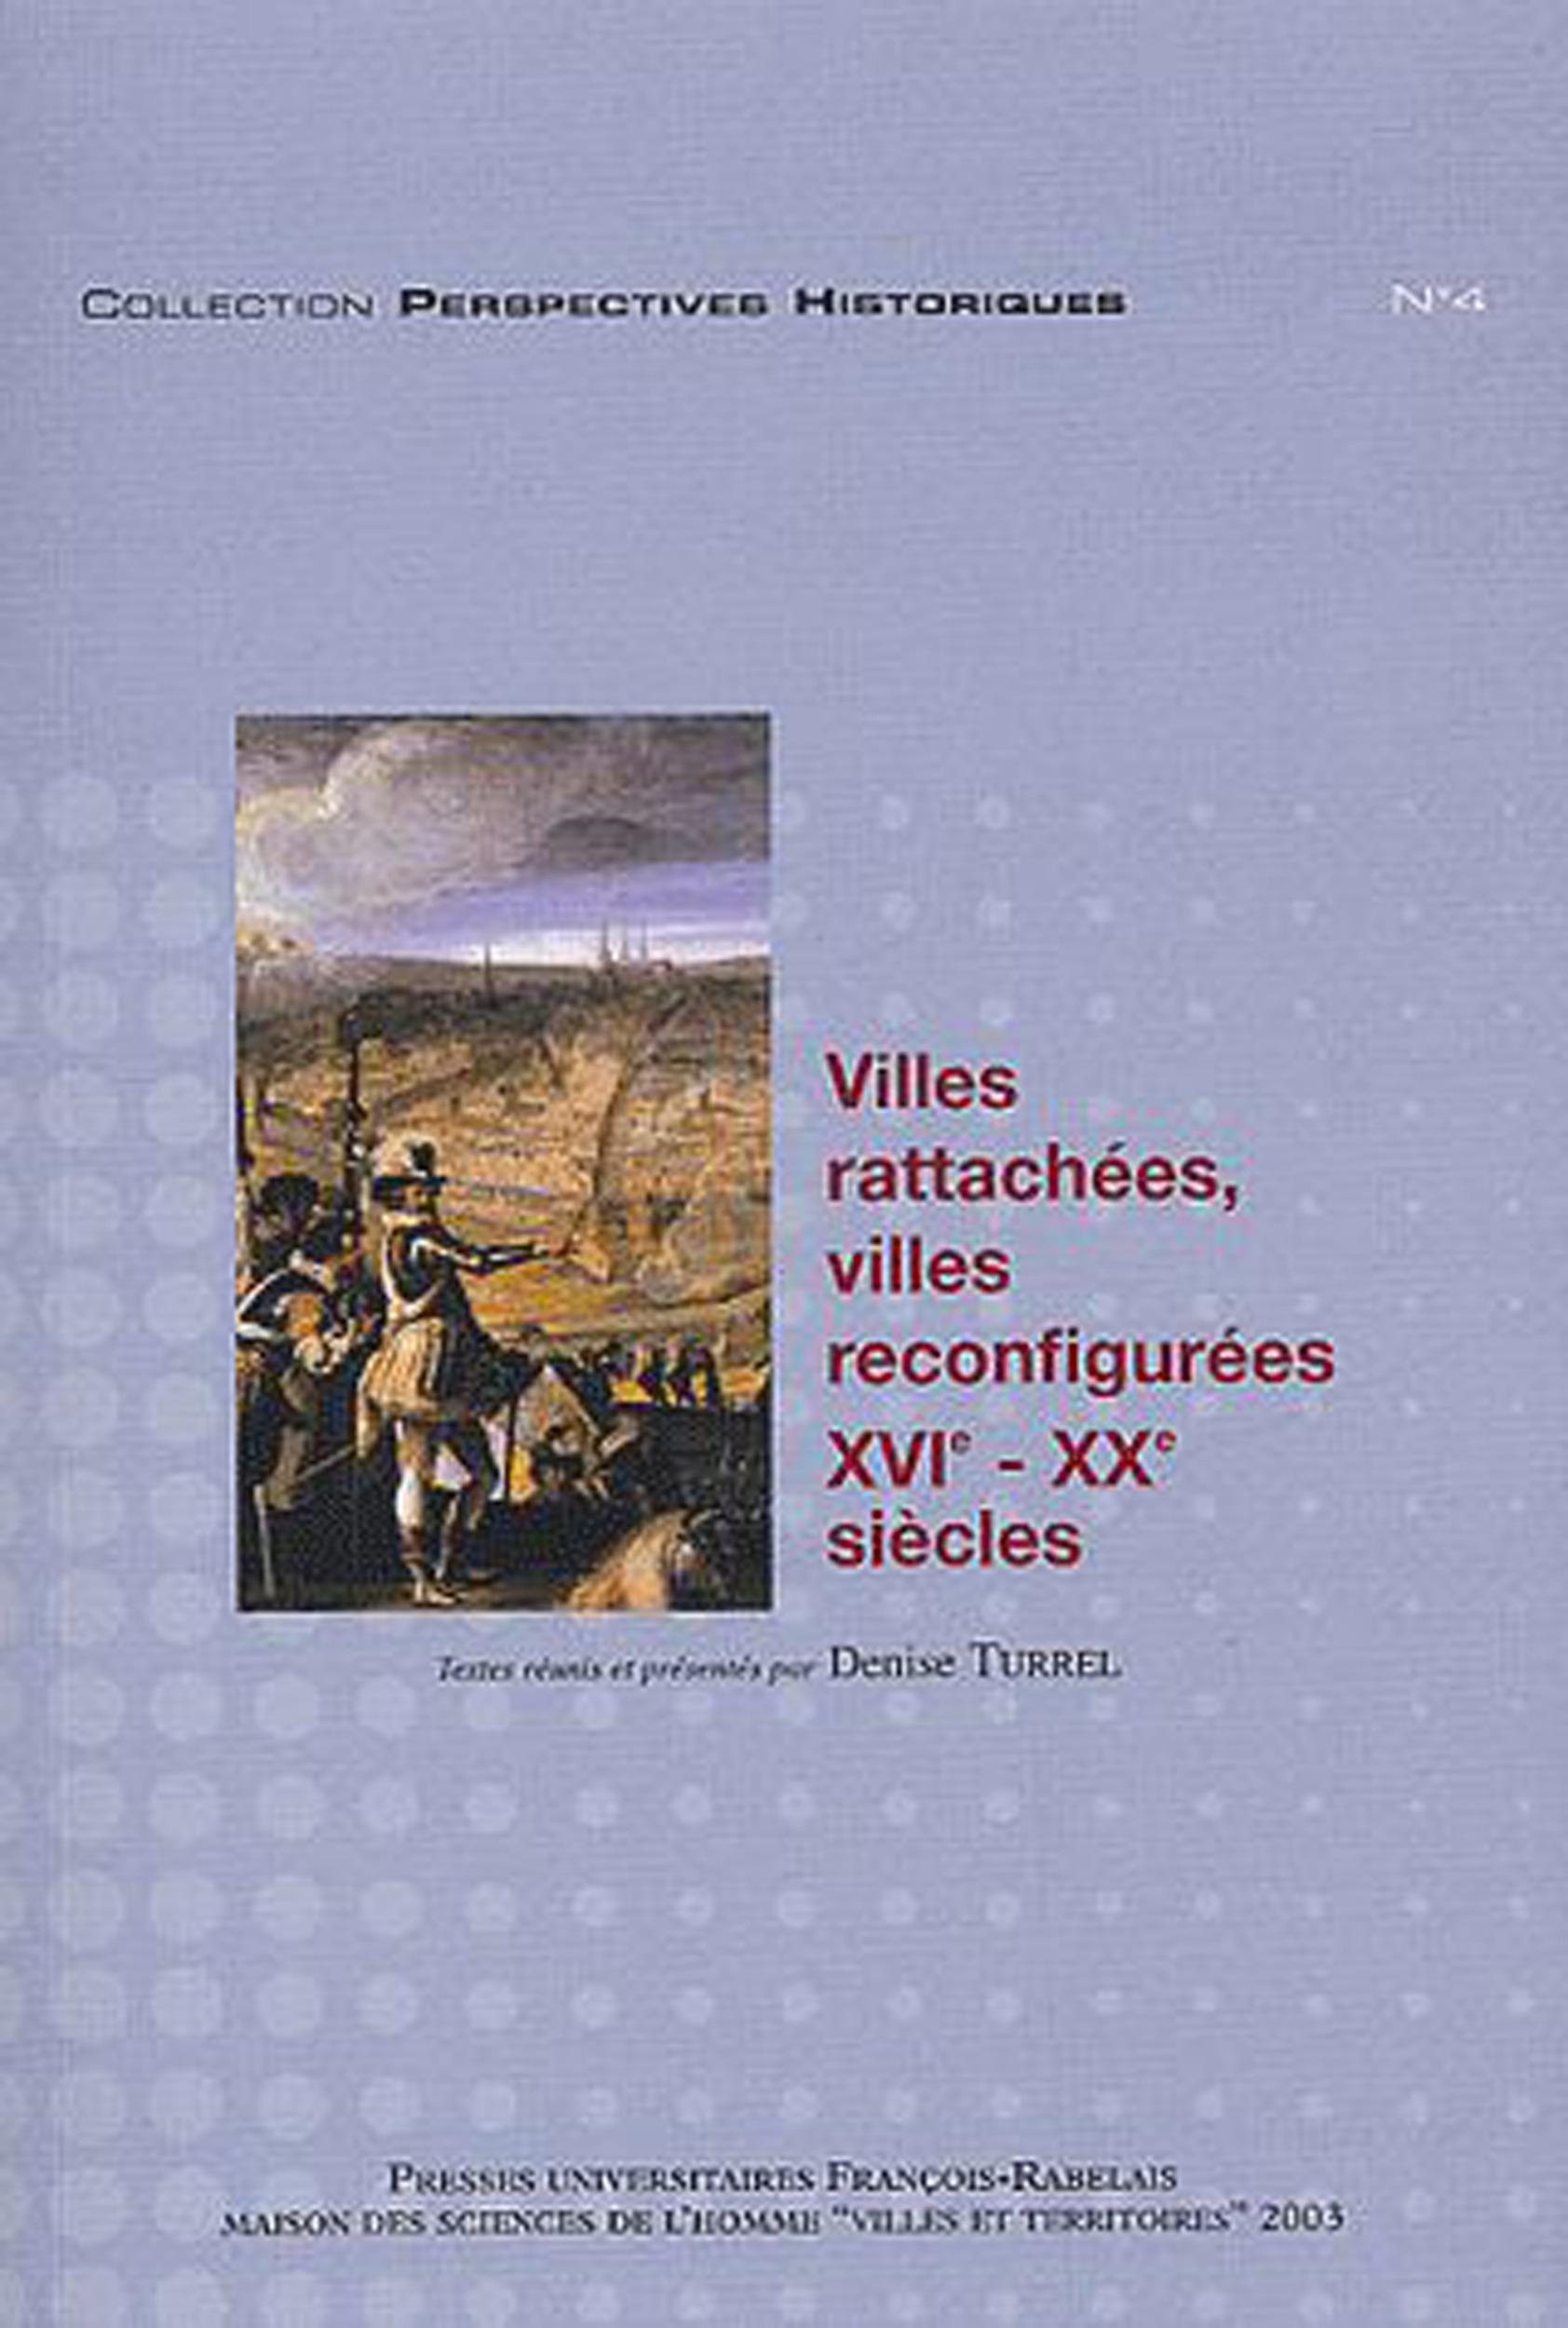 Villes rattachées, villes reconfigurées, XVIe-XXe siècles